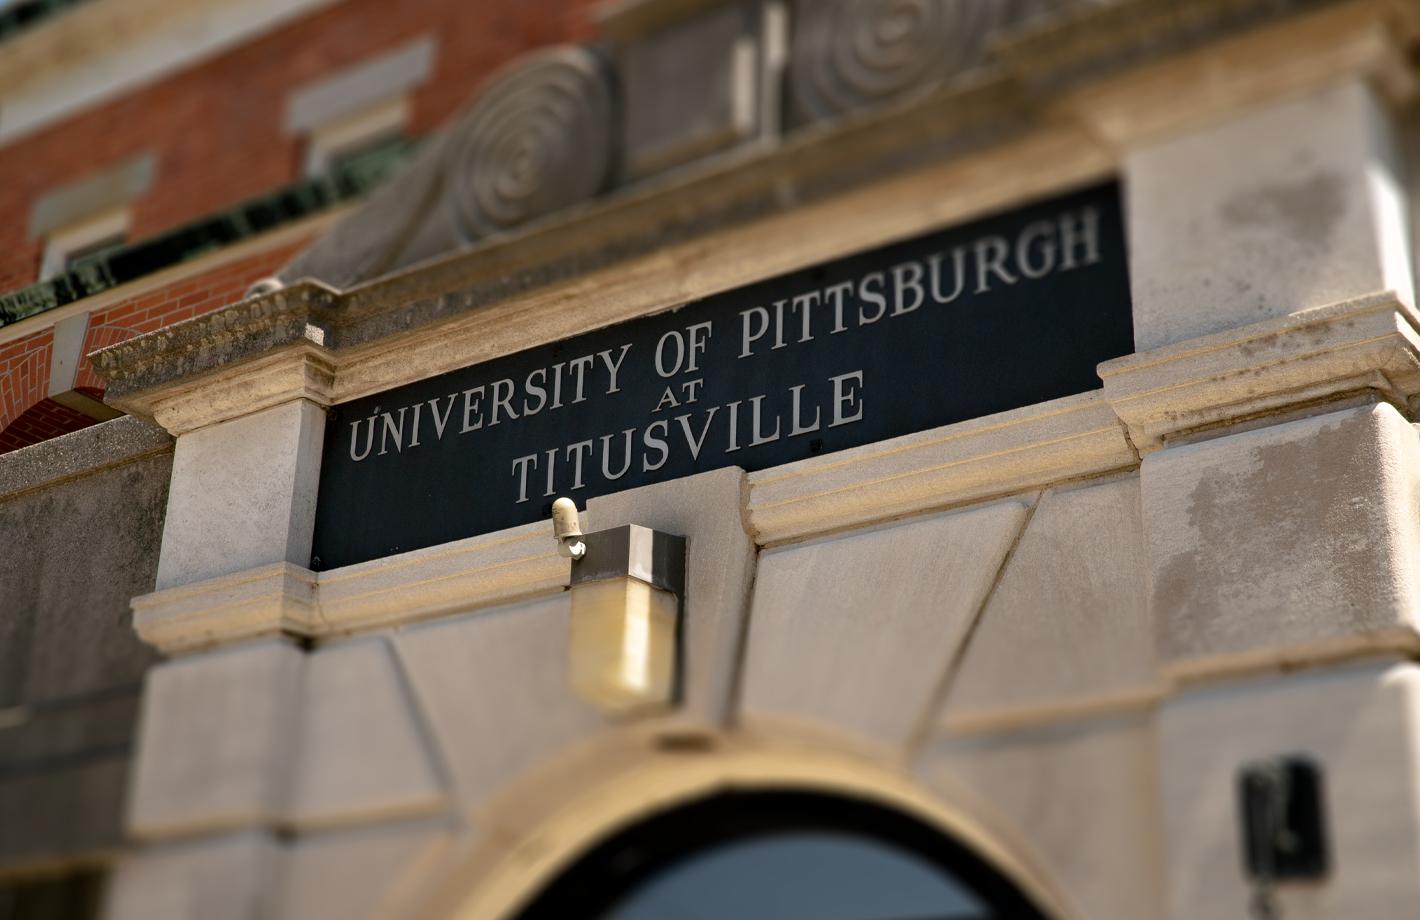 Pitt Titusville